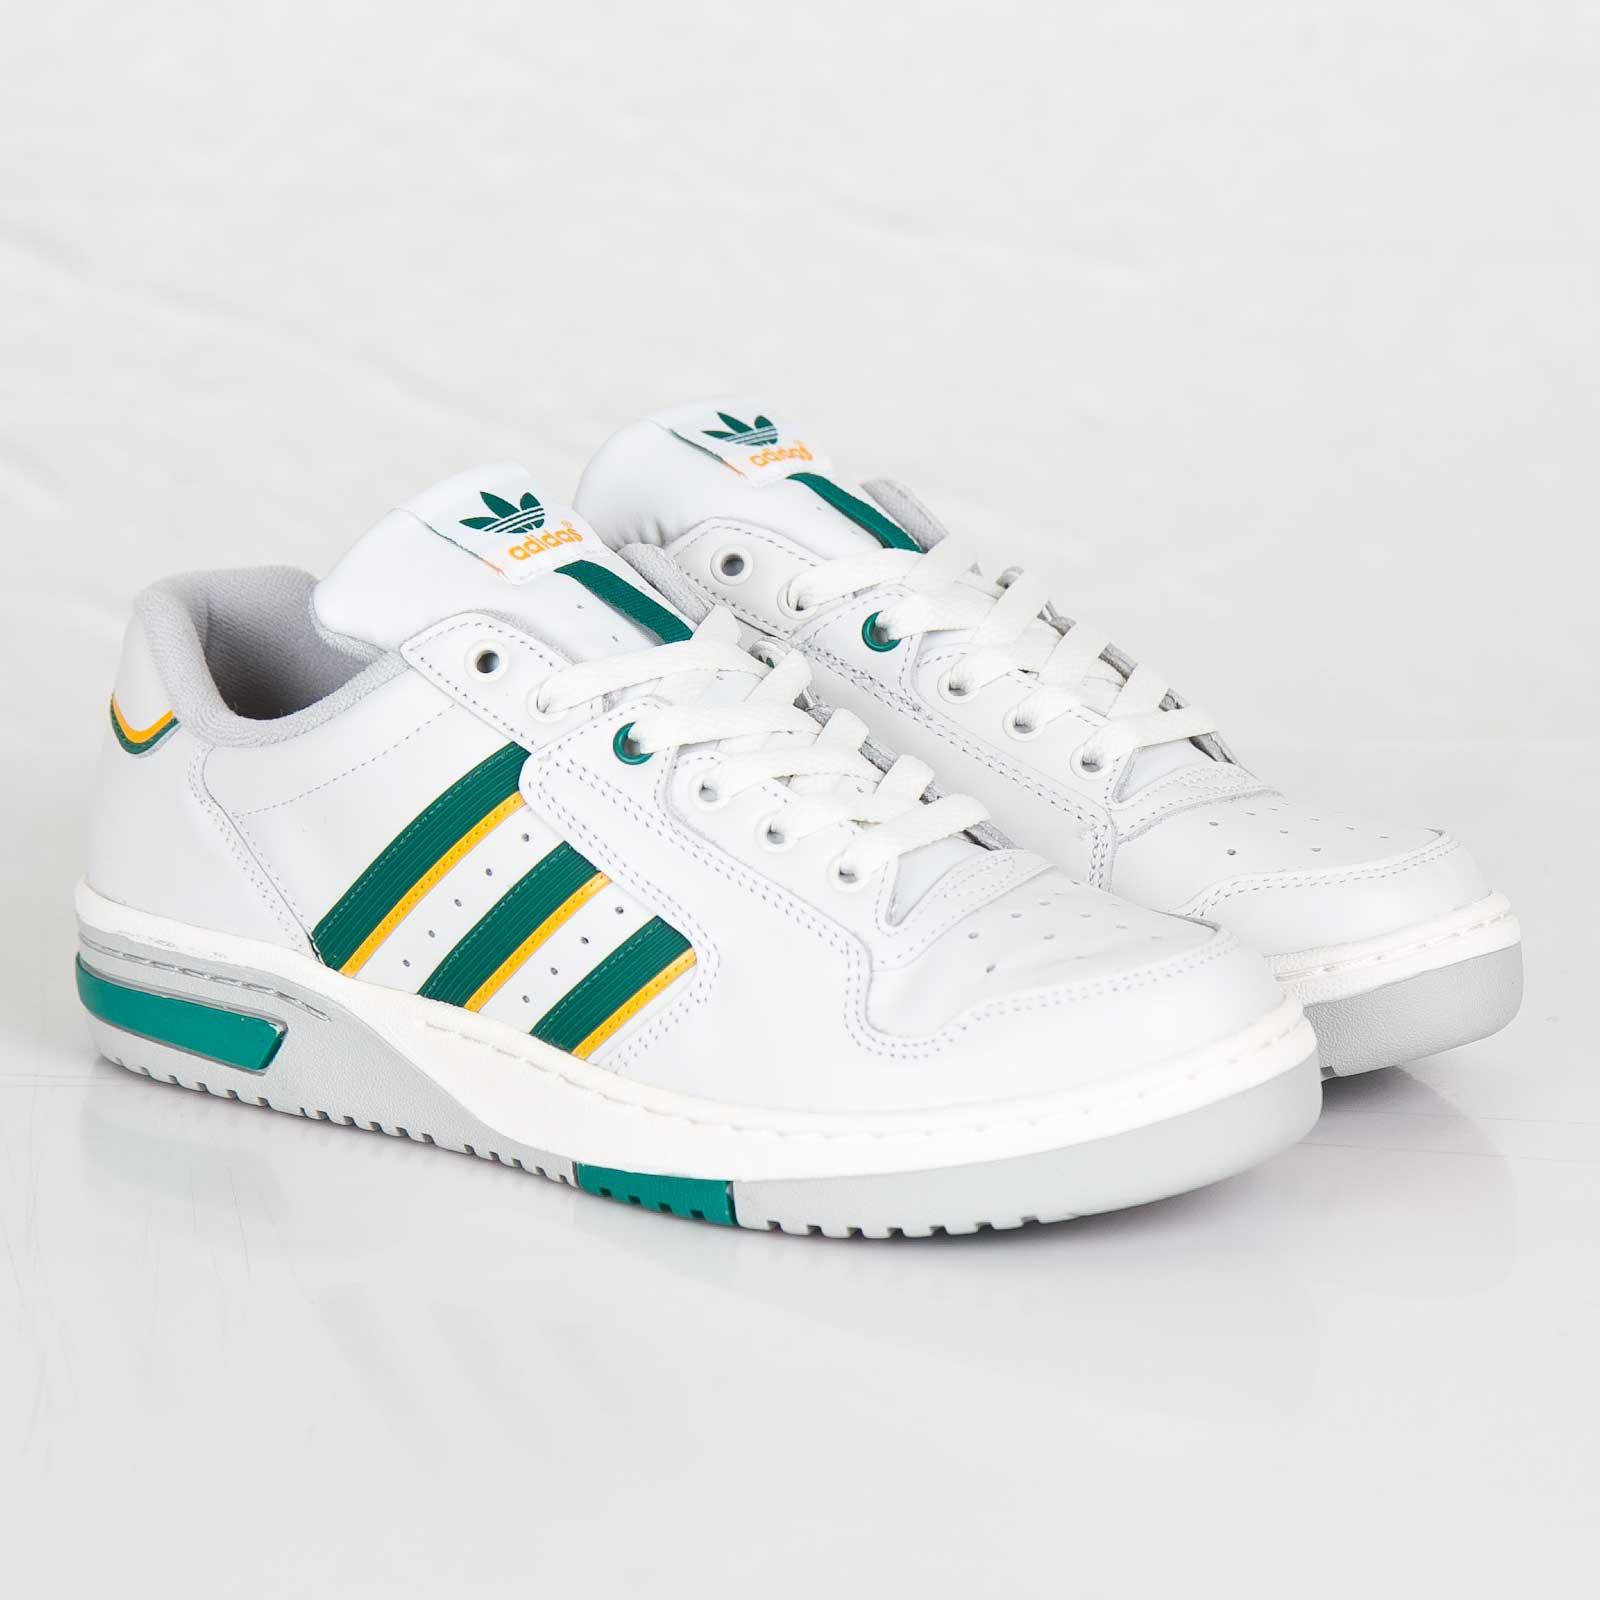 Streetwear M21599 Adidas 86 amp; Sneakers Edberg Sneakersnstuff 7wE0Yq